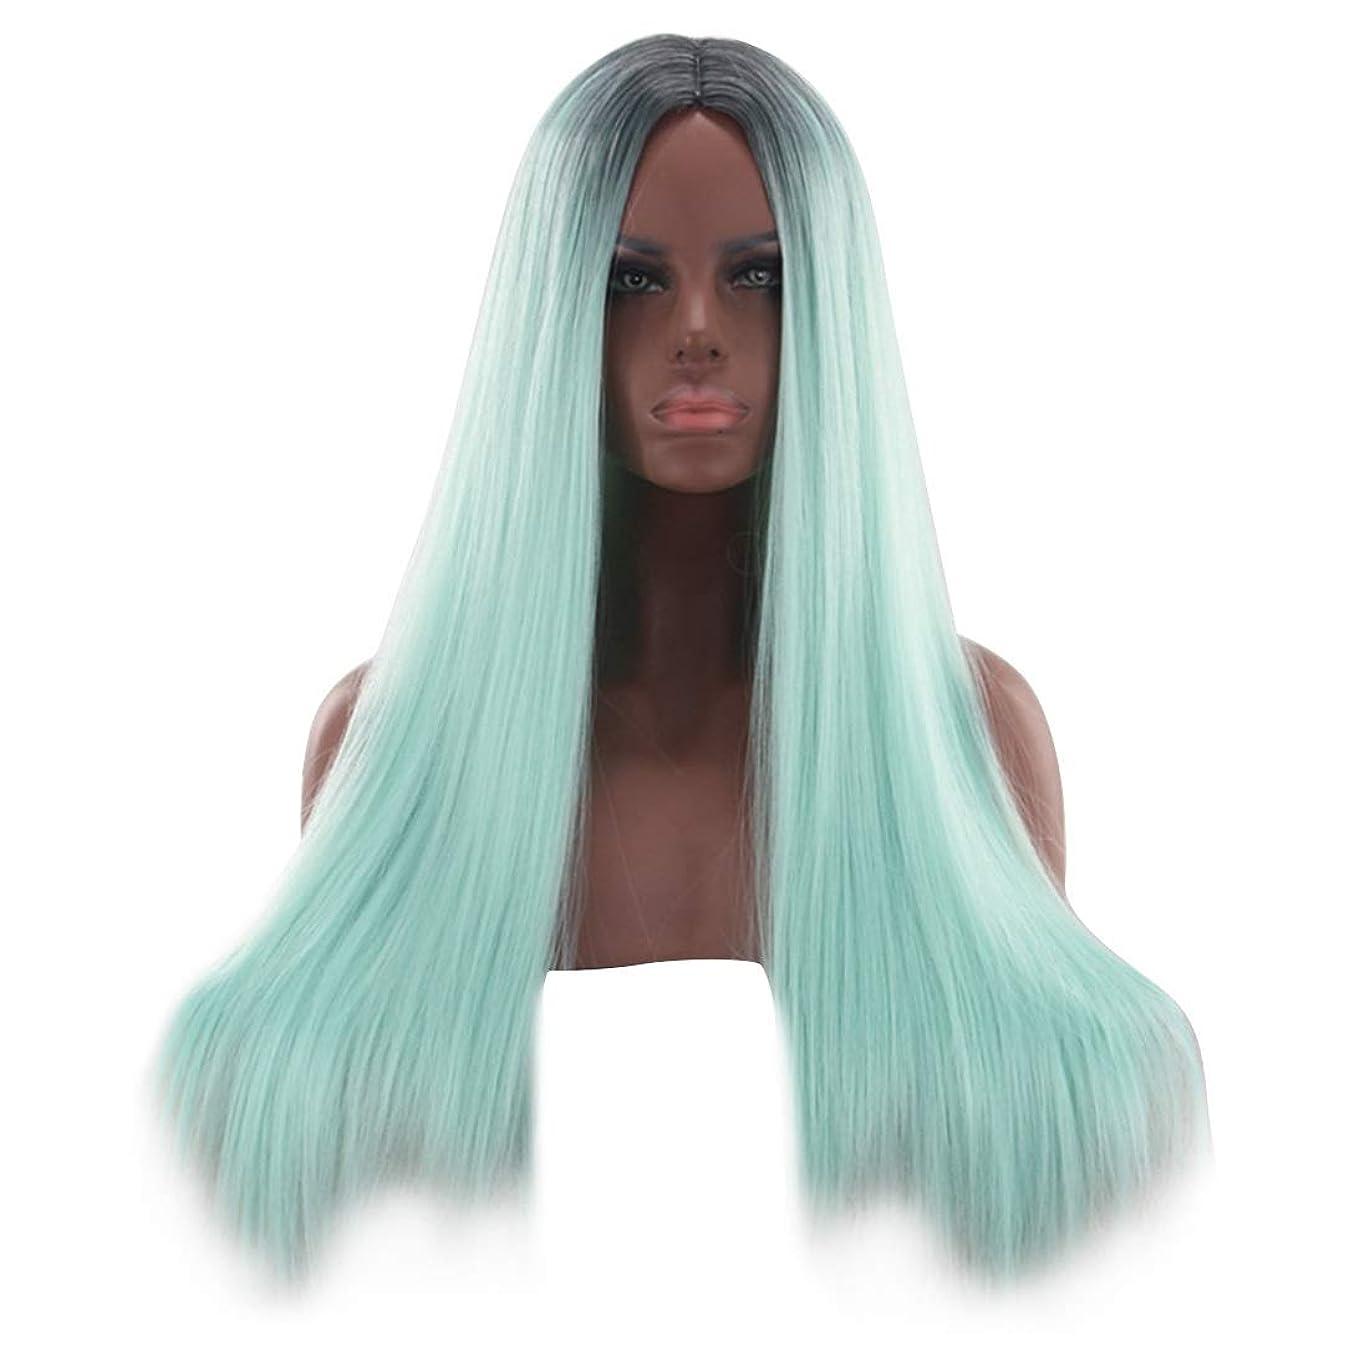 注入黙夕方Yrattary 26インチブロンドグリーンレースフロントウィッグ前髪ロングストレートウィッグ女性用合成かつらウィッグ女性用かつら耐熱ファイバーファッションウィッグ